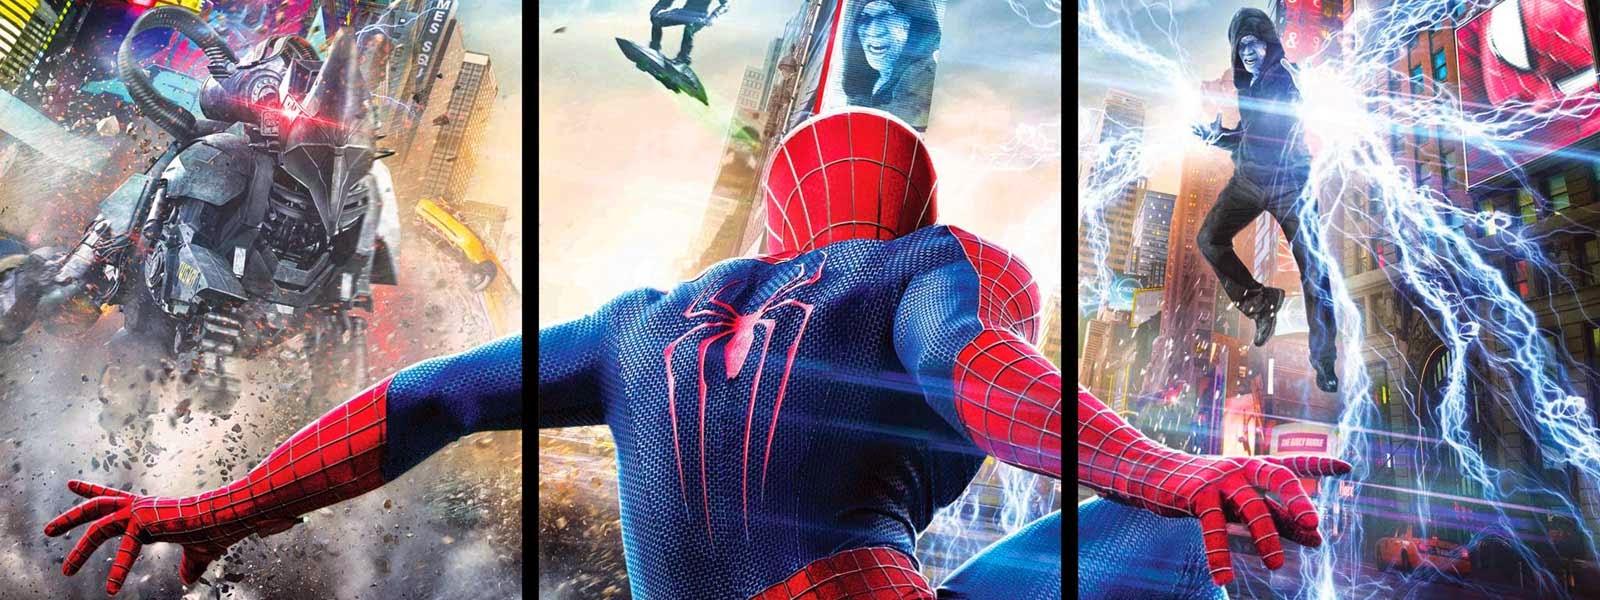 Người Nhện Siêu Đẳng 2: Sự Trỗi Dậy Của Người Điện - The Amazing Spider-man 2: Rise of Electro (2014)